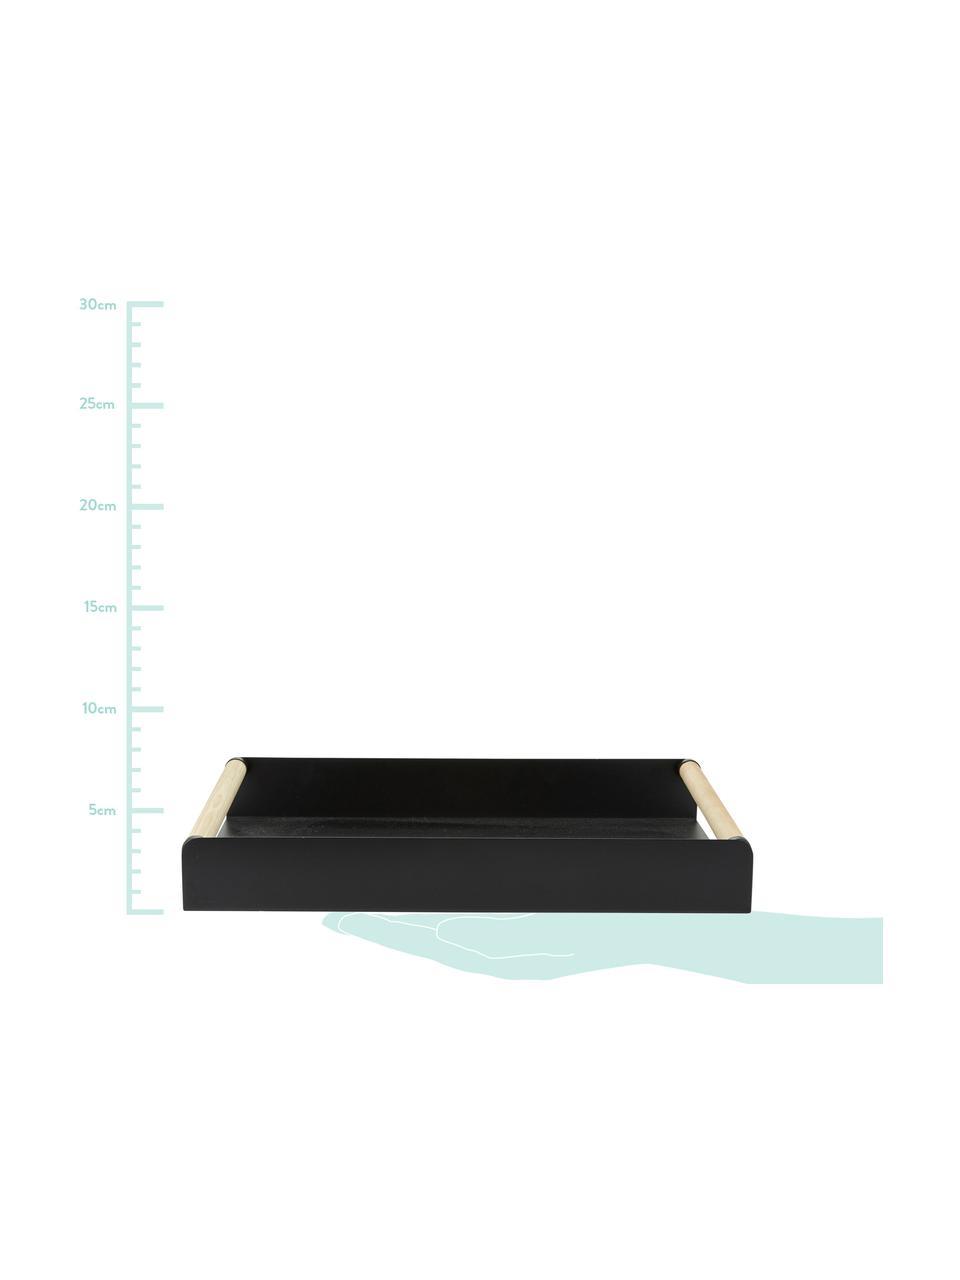 Plateau en métal noir avec poignées en bois de pin Chelsfield, larg. 28 x long. 48cm, Noir, bois de pin